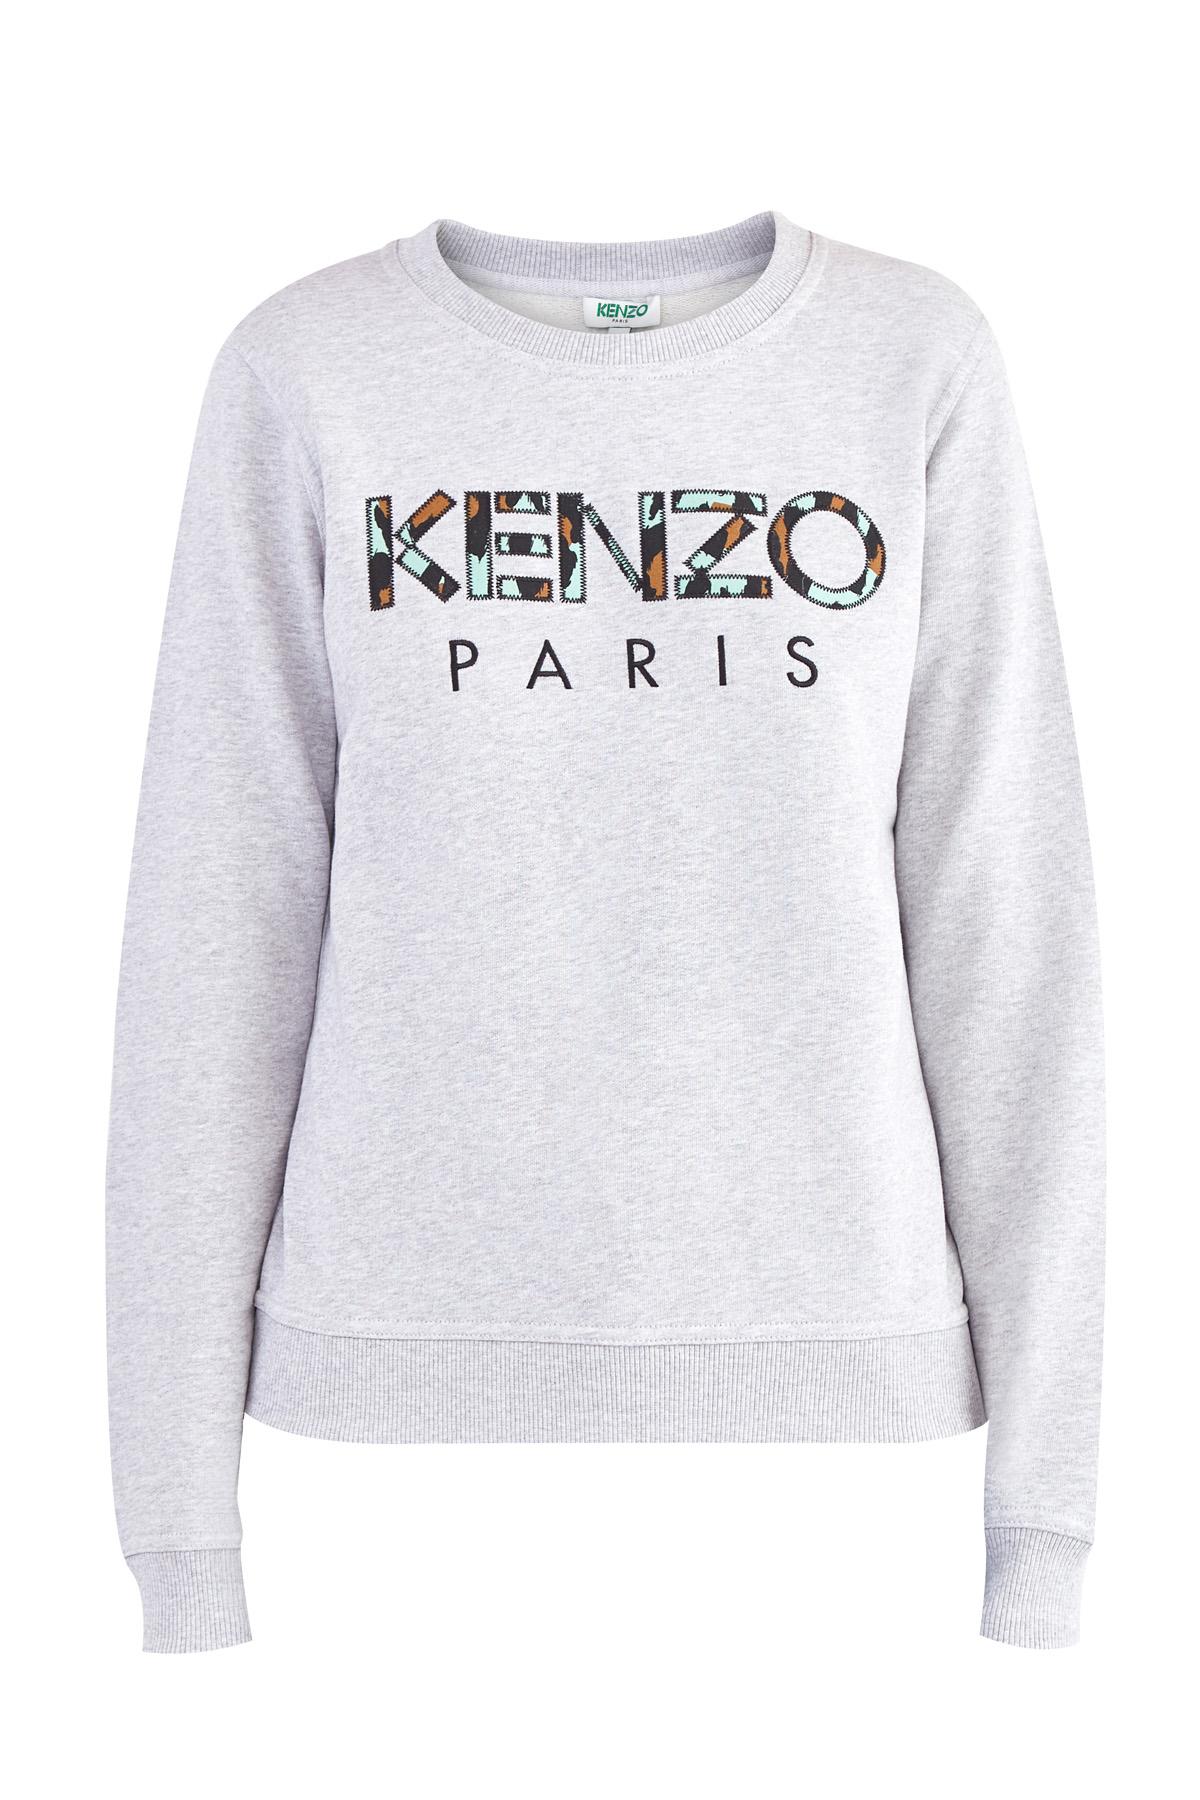 Купить Свитшот, KENZO, Франция, хлопок 100%